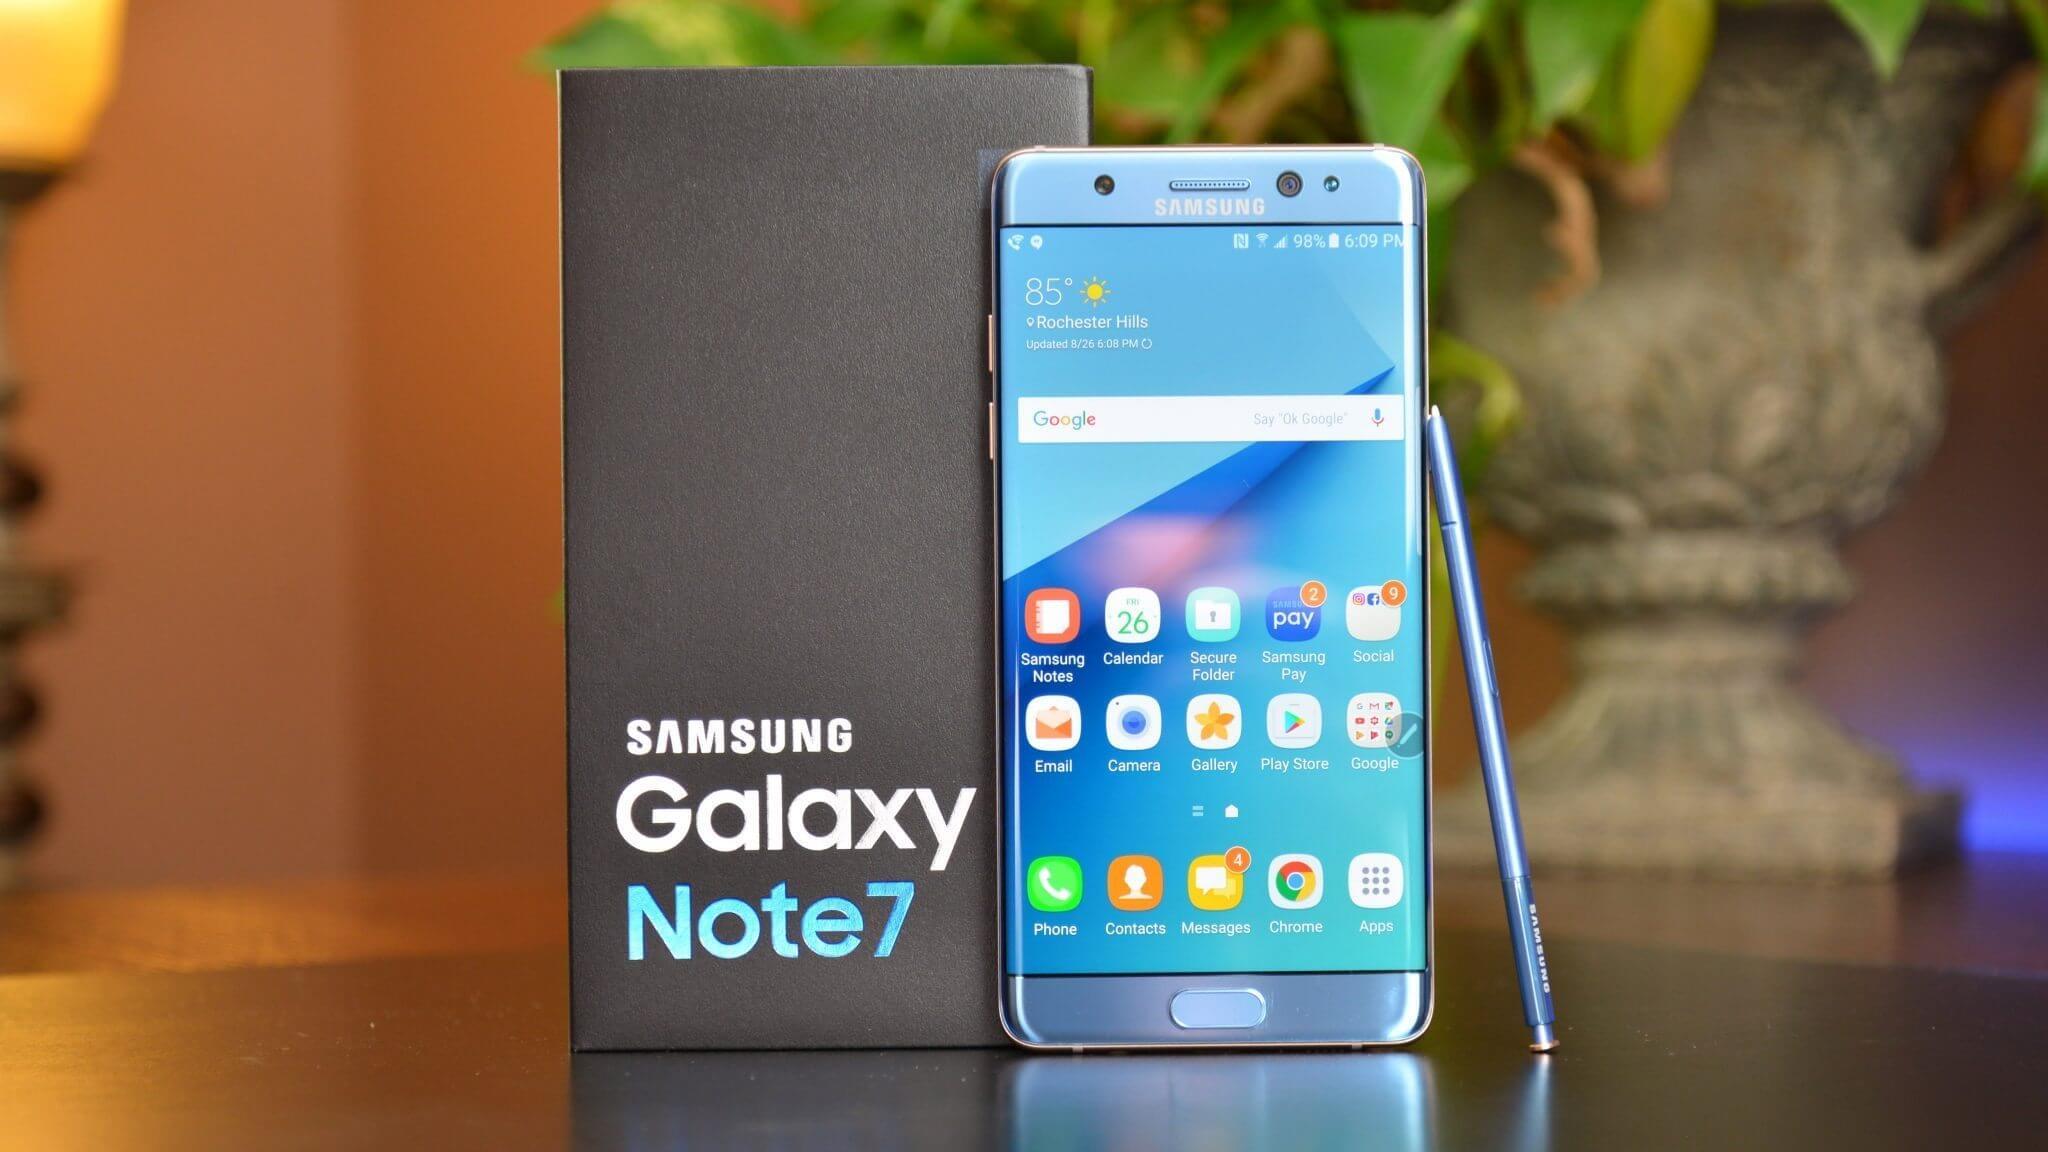 maxresdefault 2 1 - Samsung divulga oficialmente a causa das explosões do Galaxy Note7